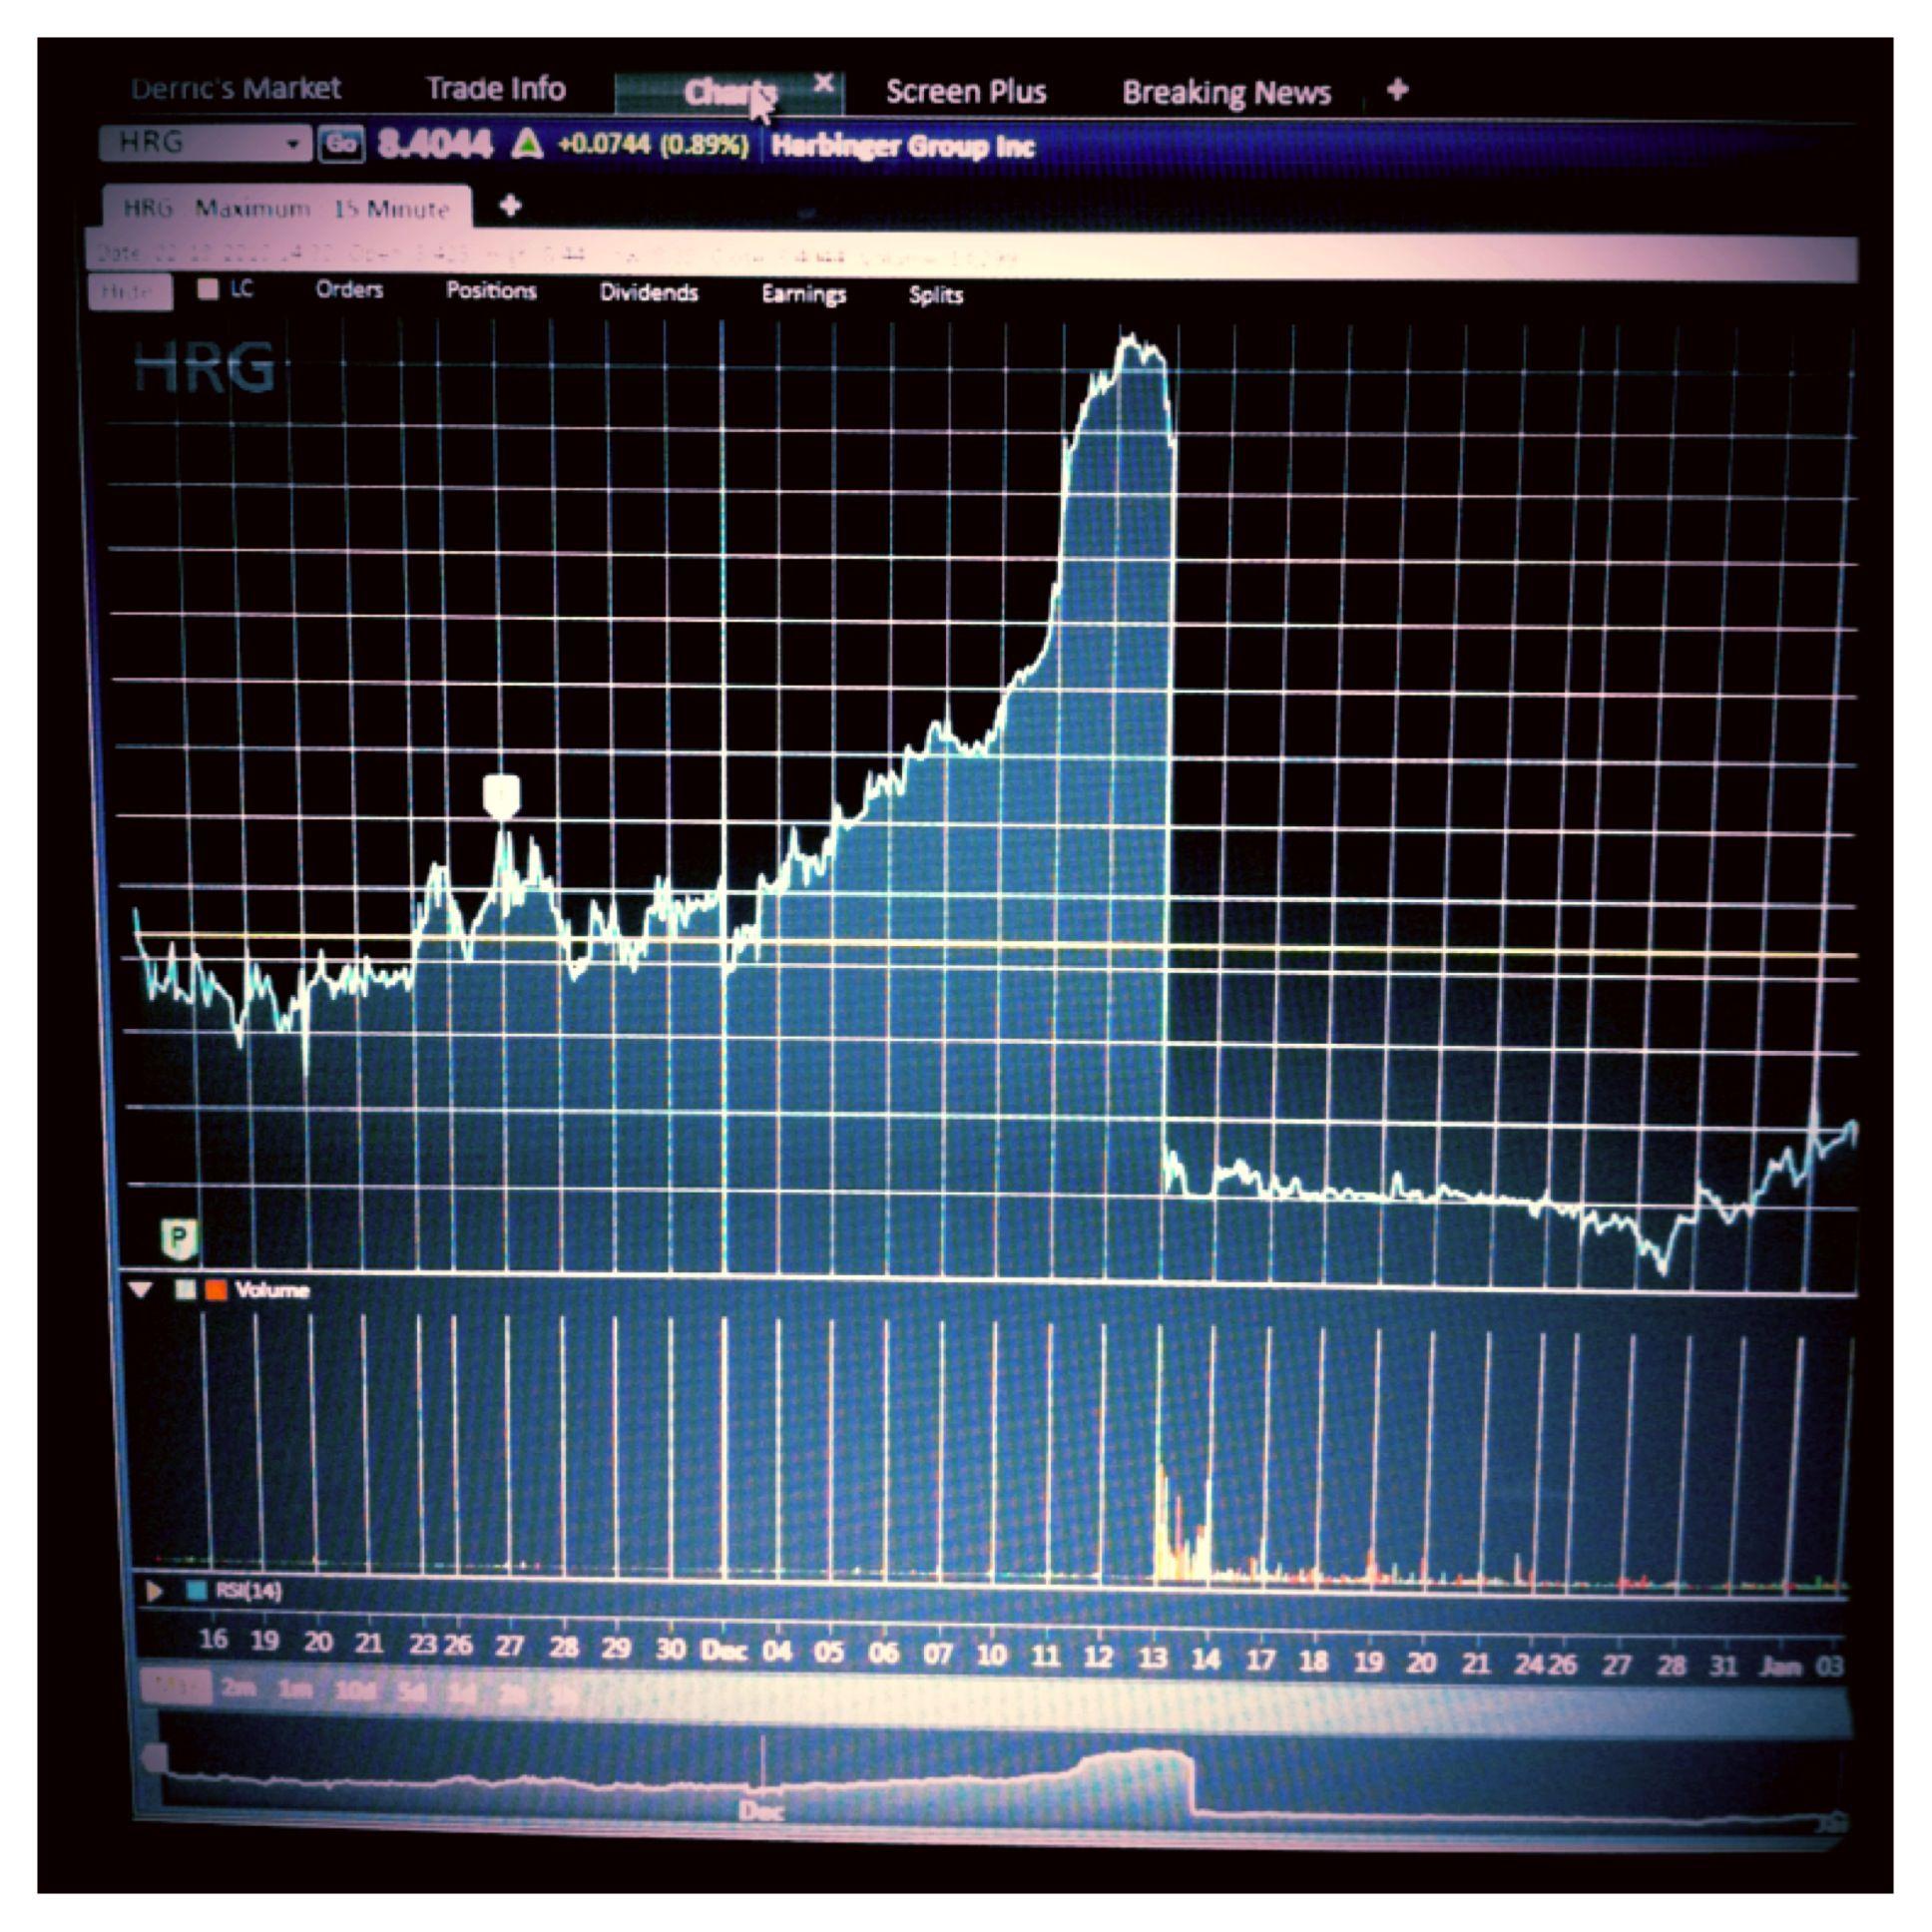 Stock Market Chart Shares Pullback Stocks Market Money Investment Stock Market Chart Stock Market Courses Stock Market